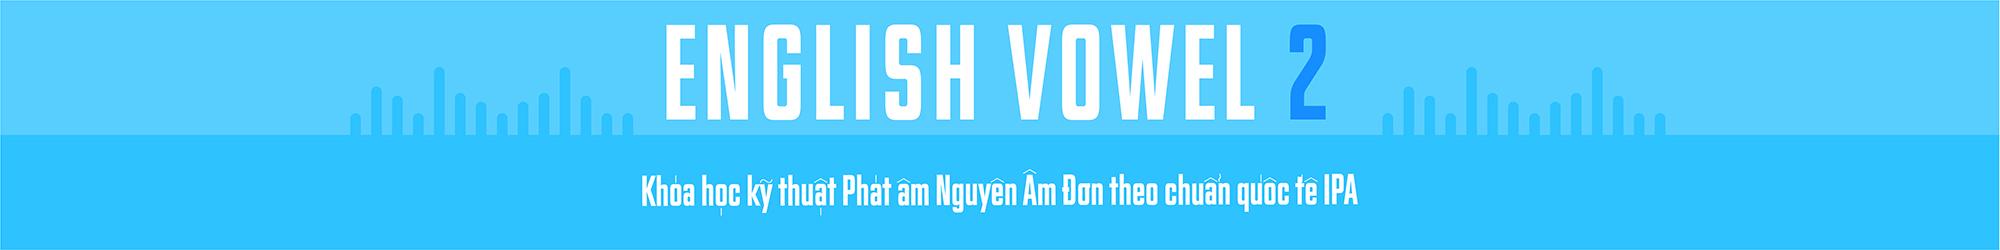 Vowels 2 banner